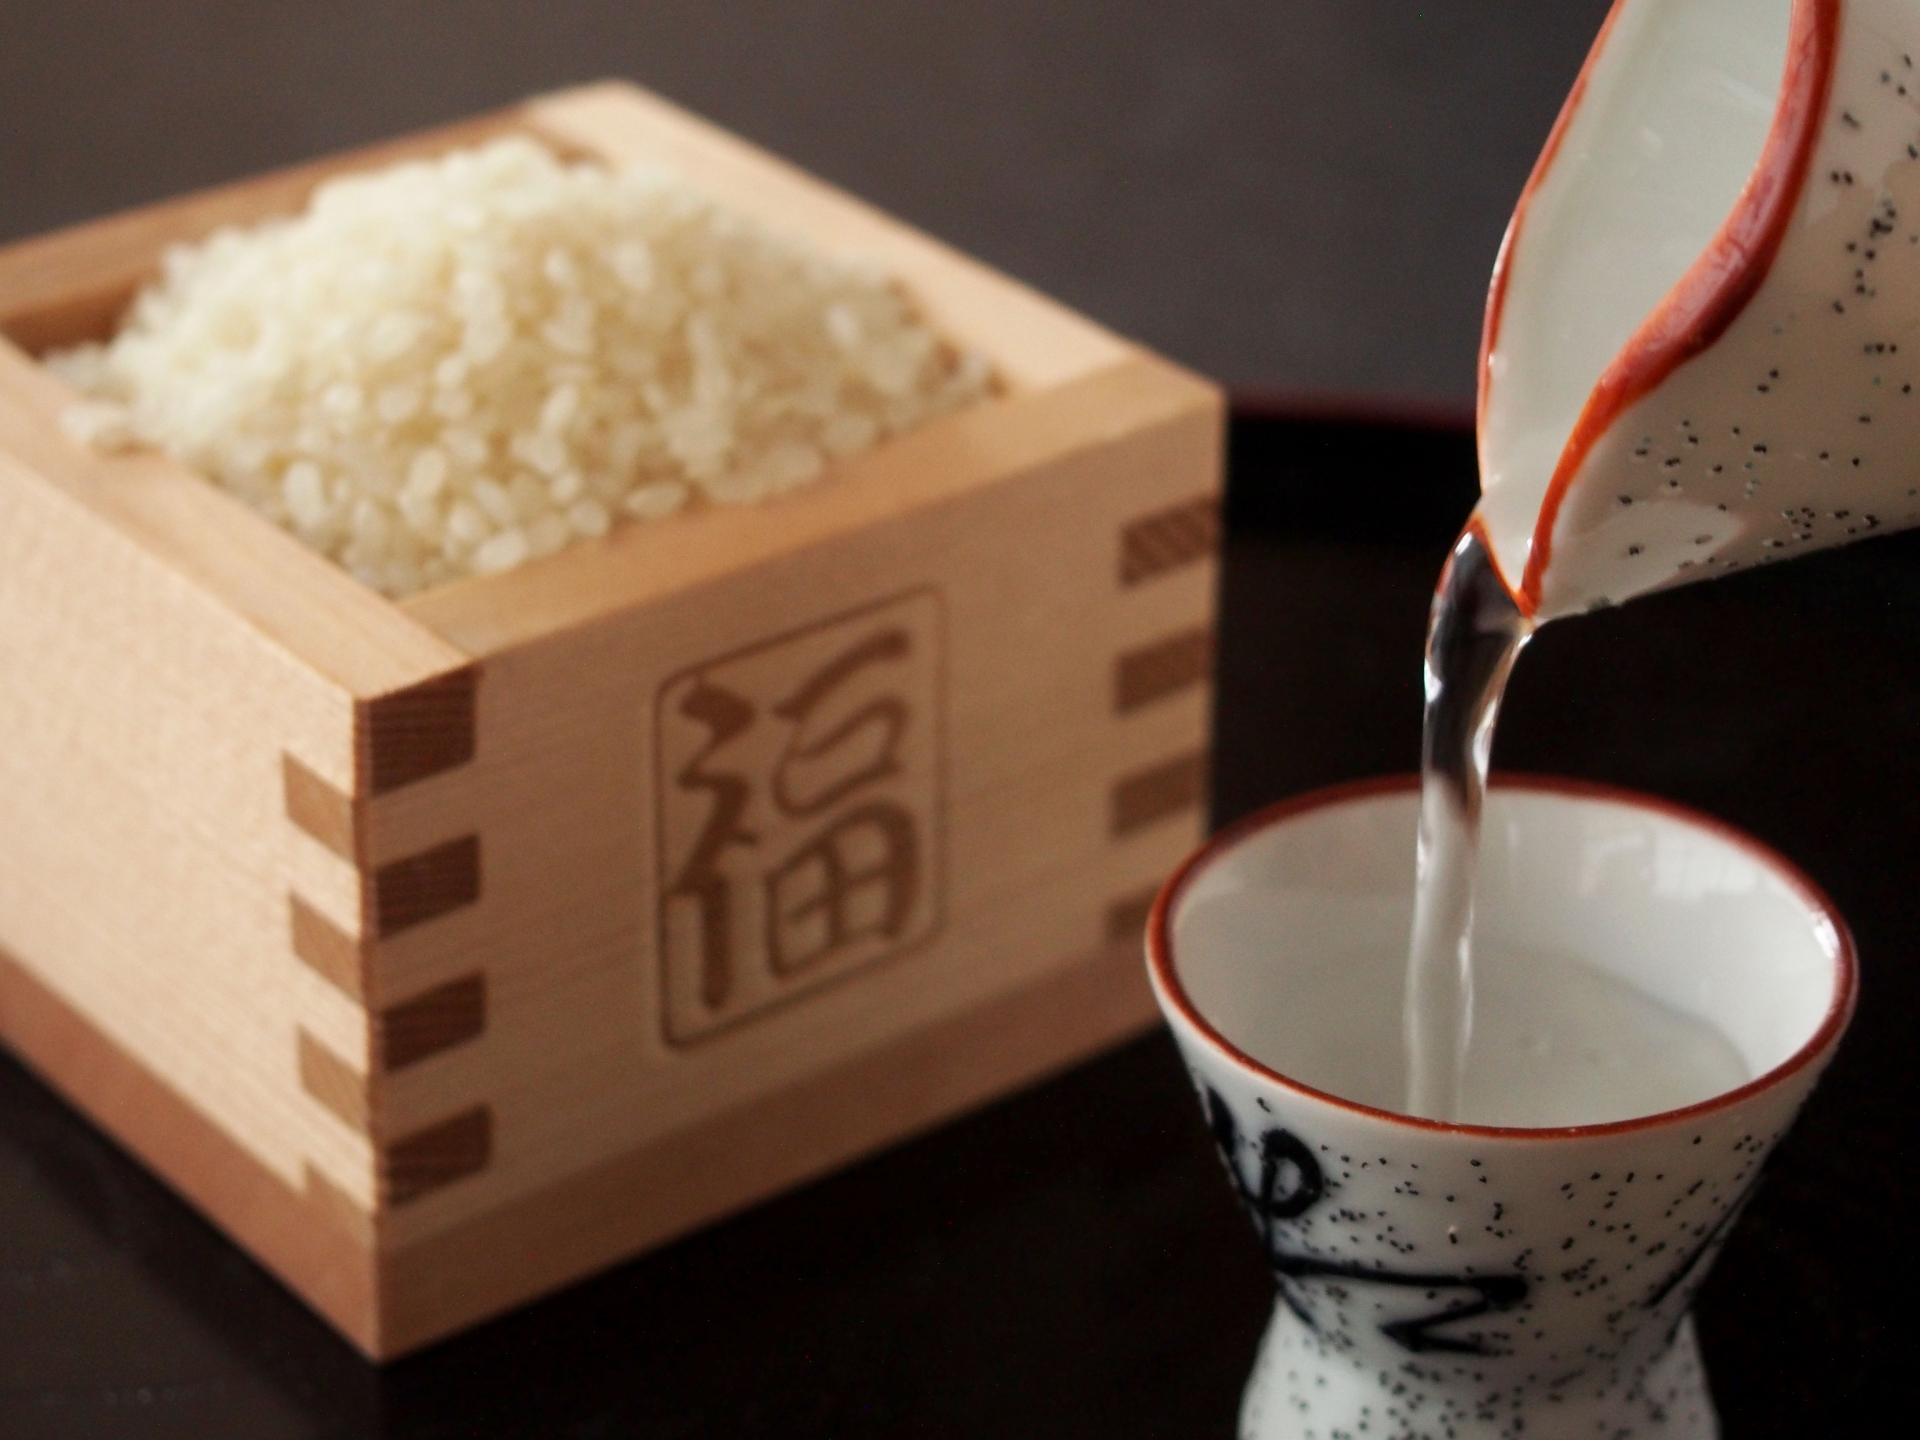 甘口の日本酒おすすめ9選!フルーティーな香りの銘柄も